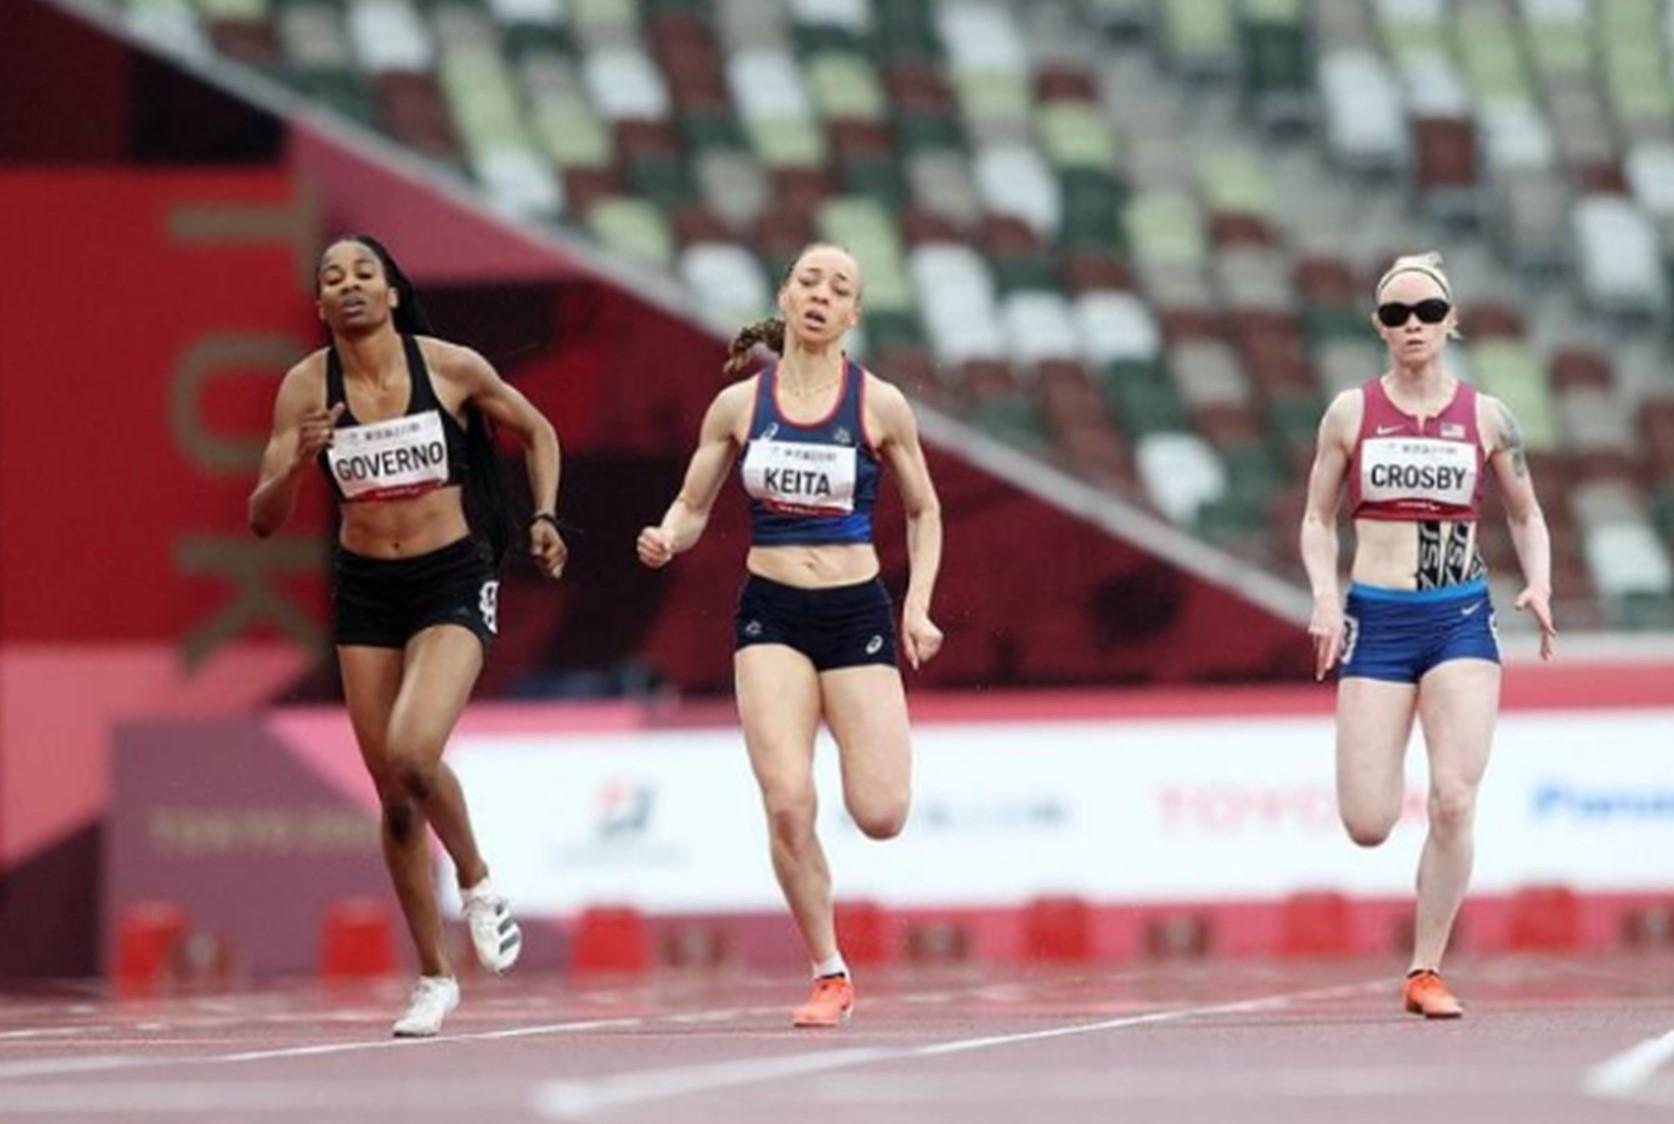 Jeux paralympiques de Tokyo 2020 - Nantenin au pied du podium